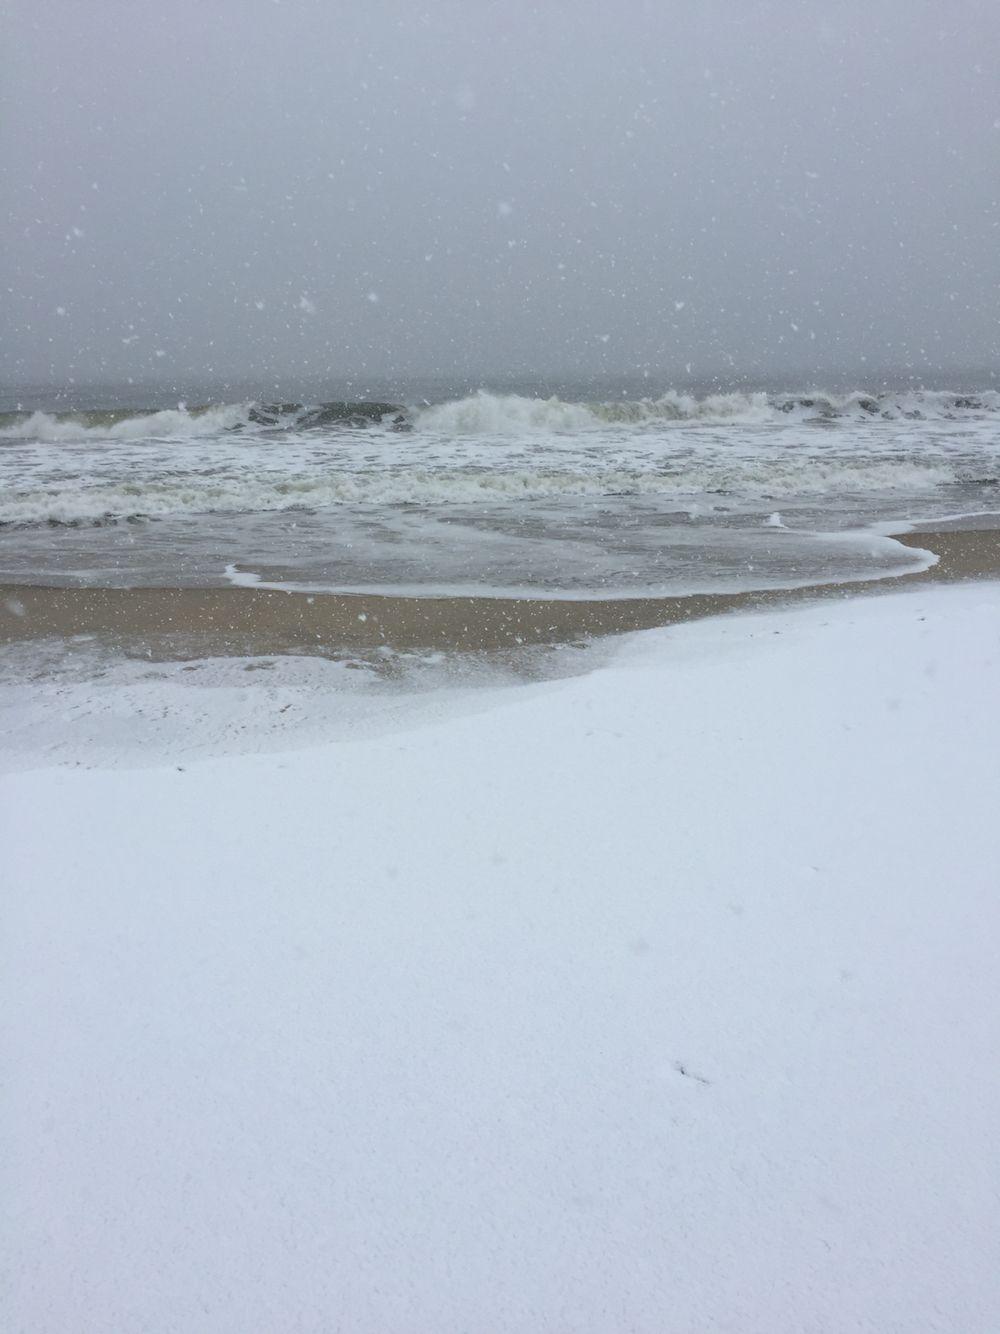 Beach. Ocean. Snow. So pretty!